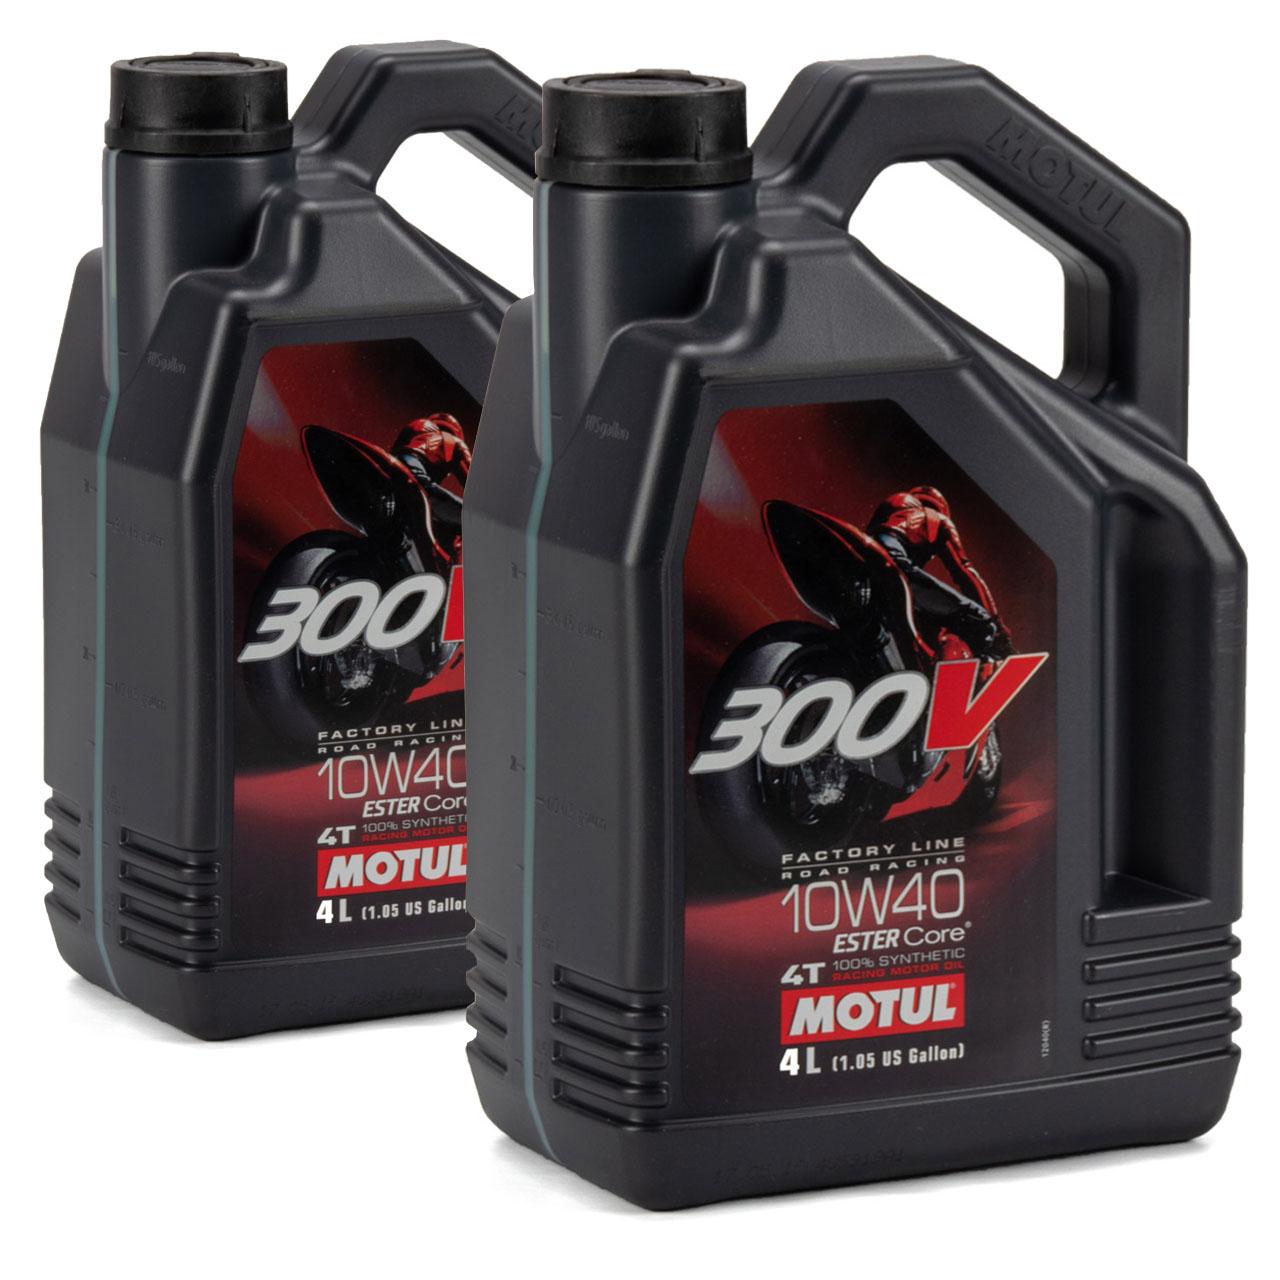 MOTUL 300 V 4T 4-TAKT Factory Line Ester Core Motoröl ÖL 10W40 Motorrad 8 Liter